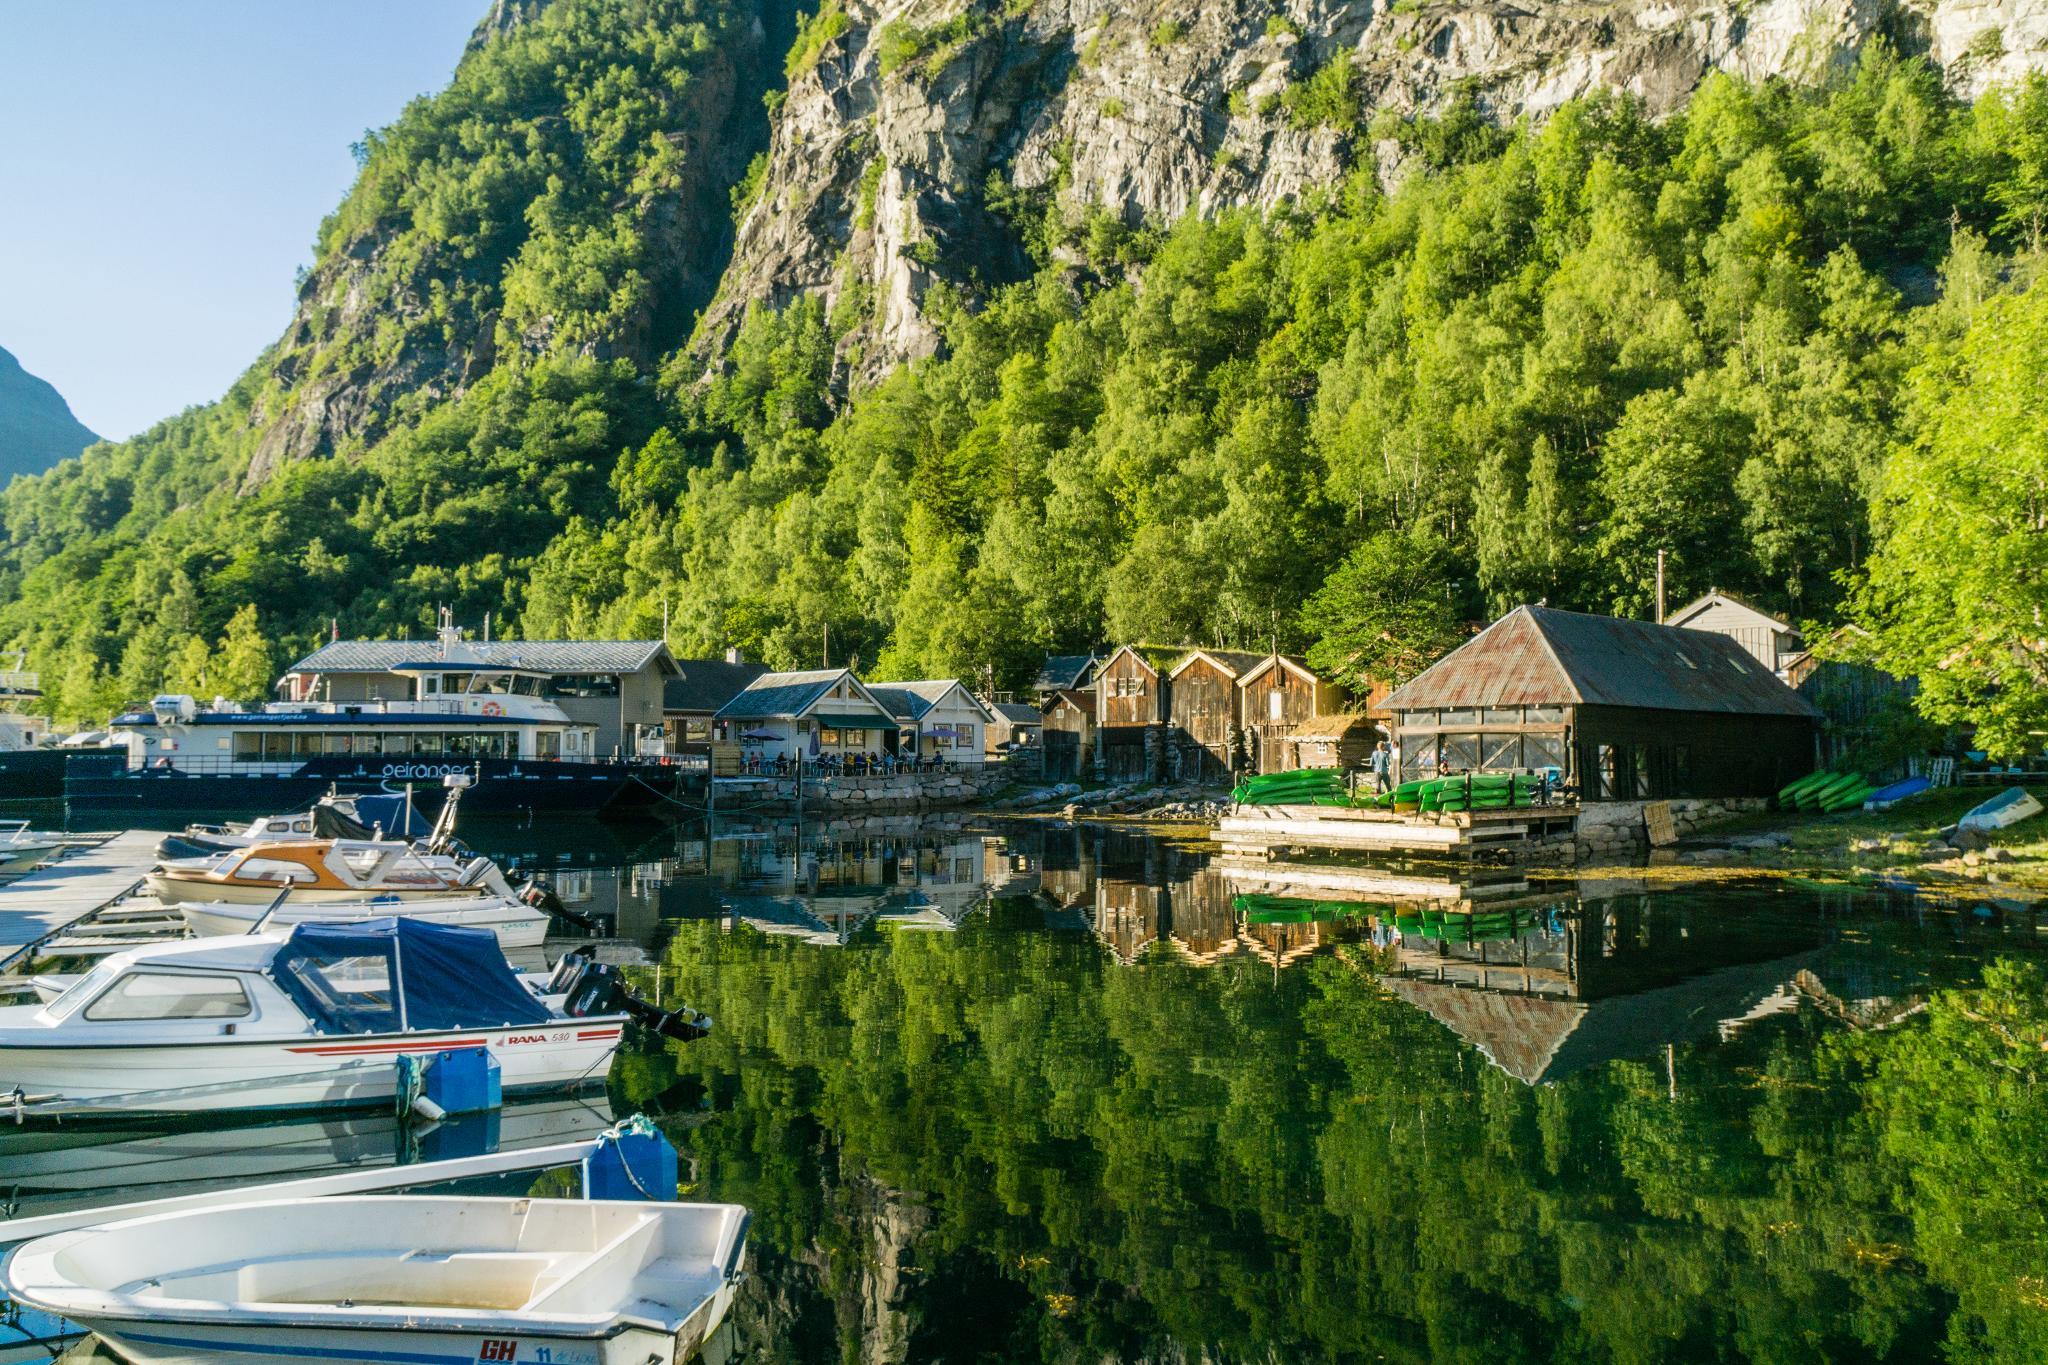 【北歐景點】Ørnesvingen 老鷹之路 ∣ 挪威世界遺產 — 蓋倫格峽灣景點總整理 24